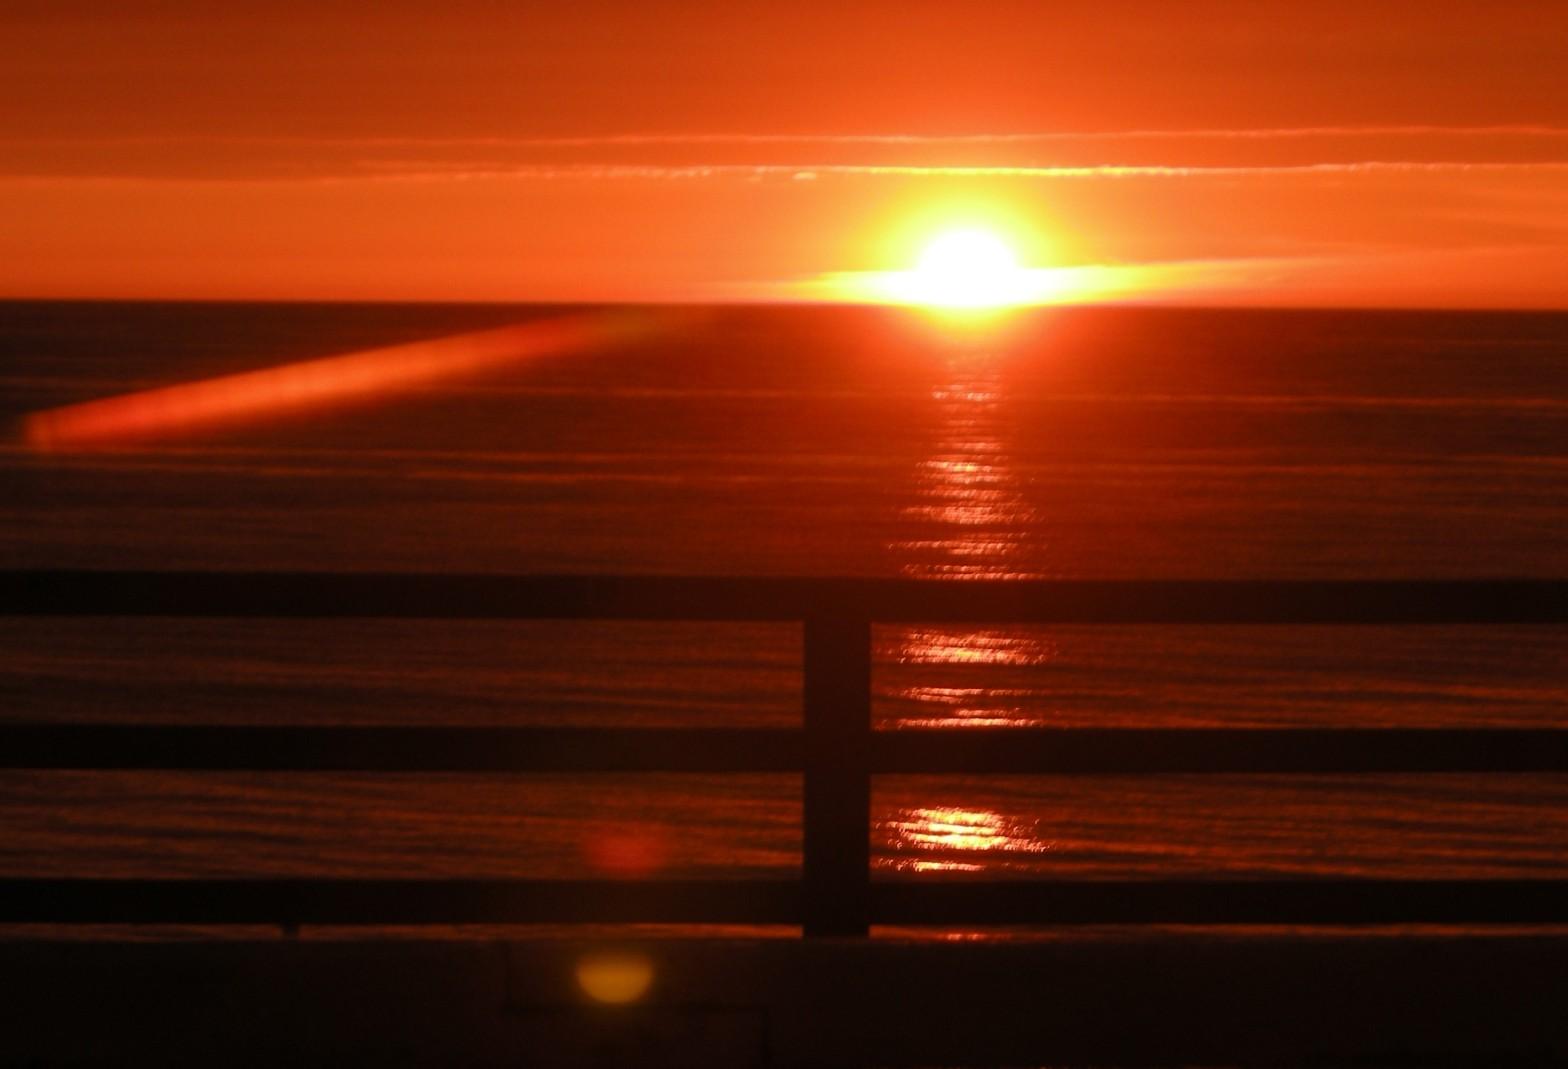 Soleil couchant sur Etretat